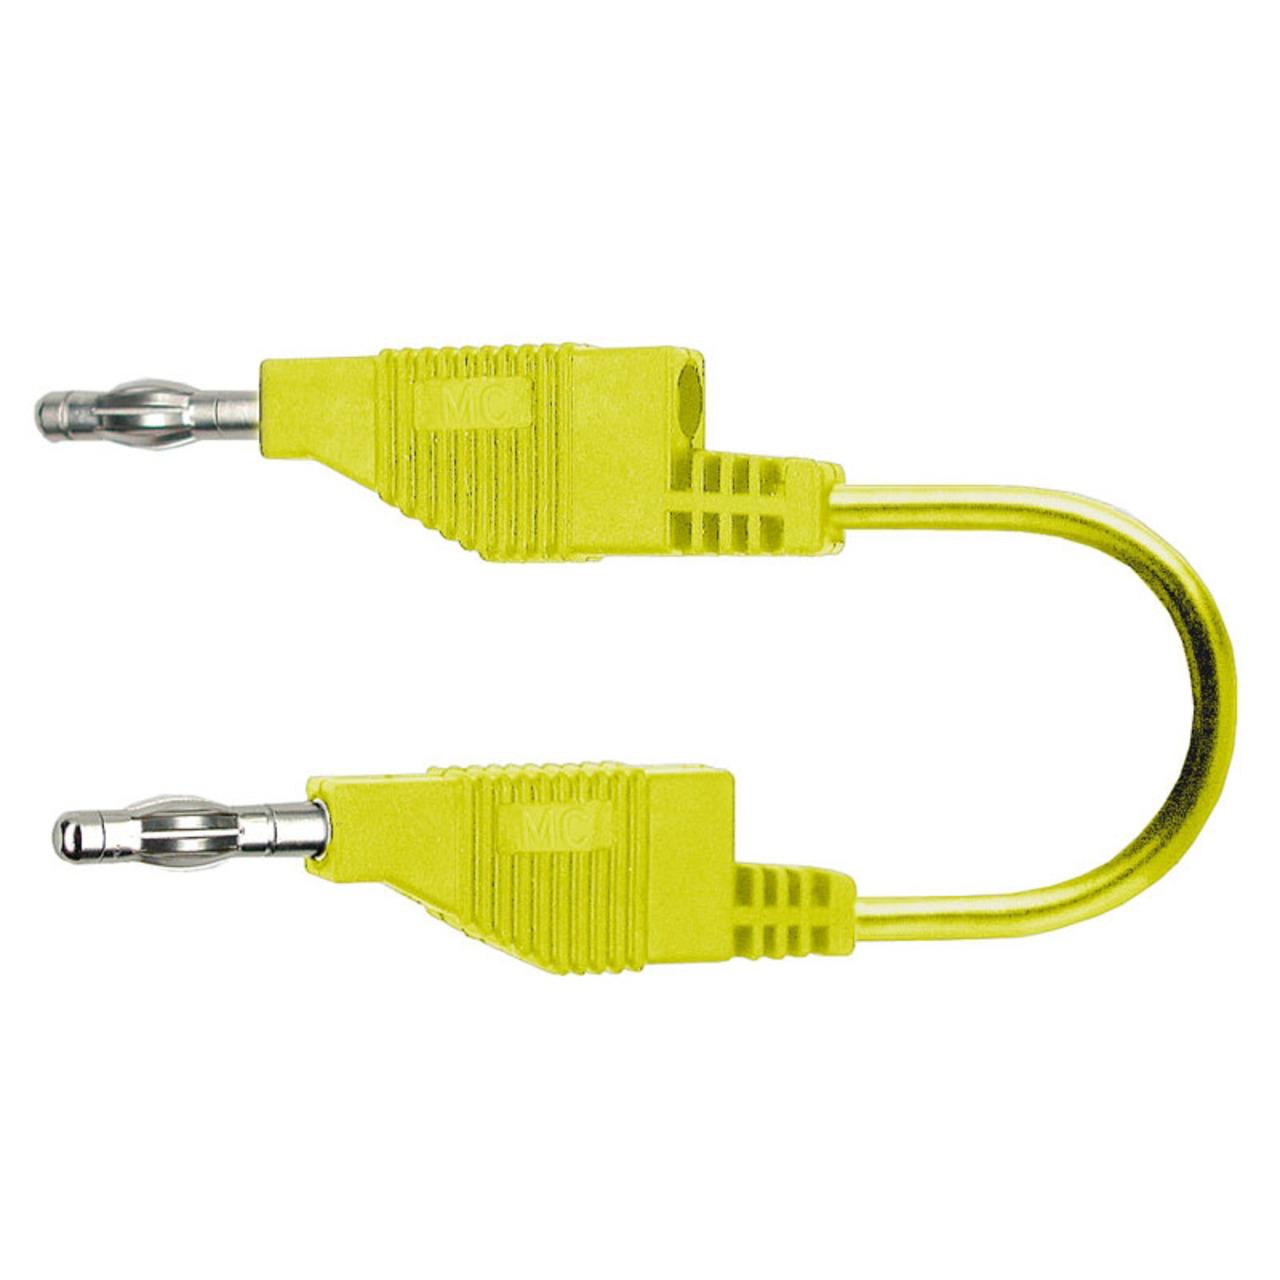 Silikon-Verbindungsleitungen 4 mm- 15A- 1m- gelb